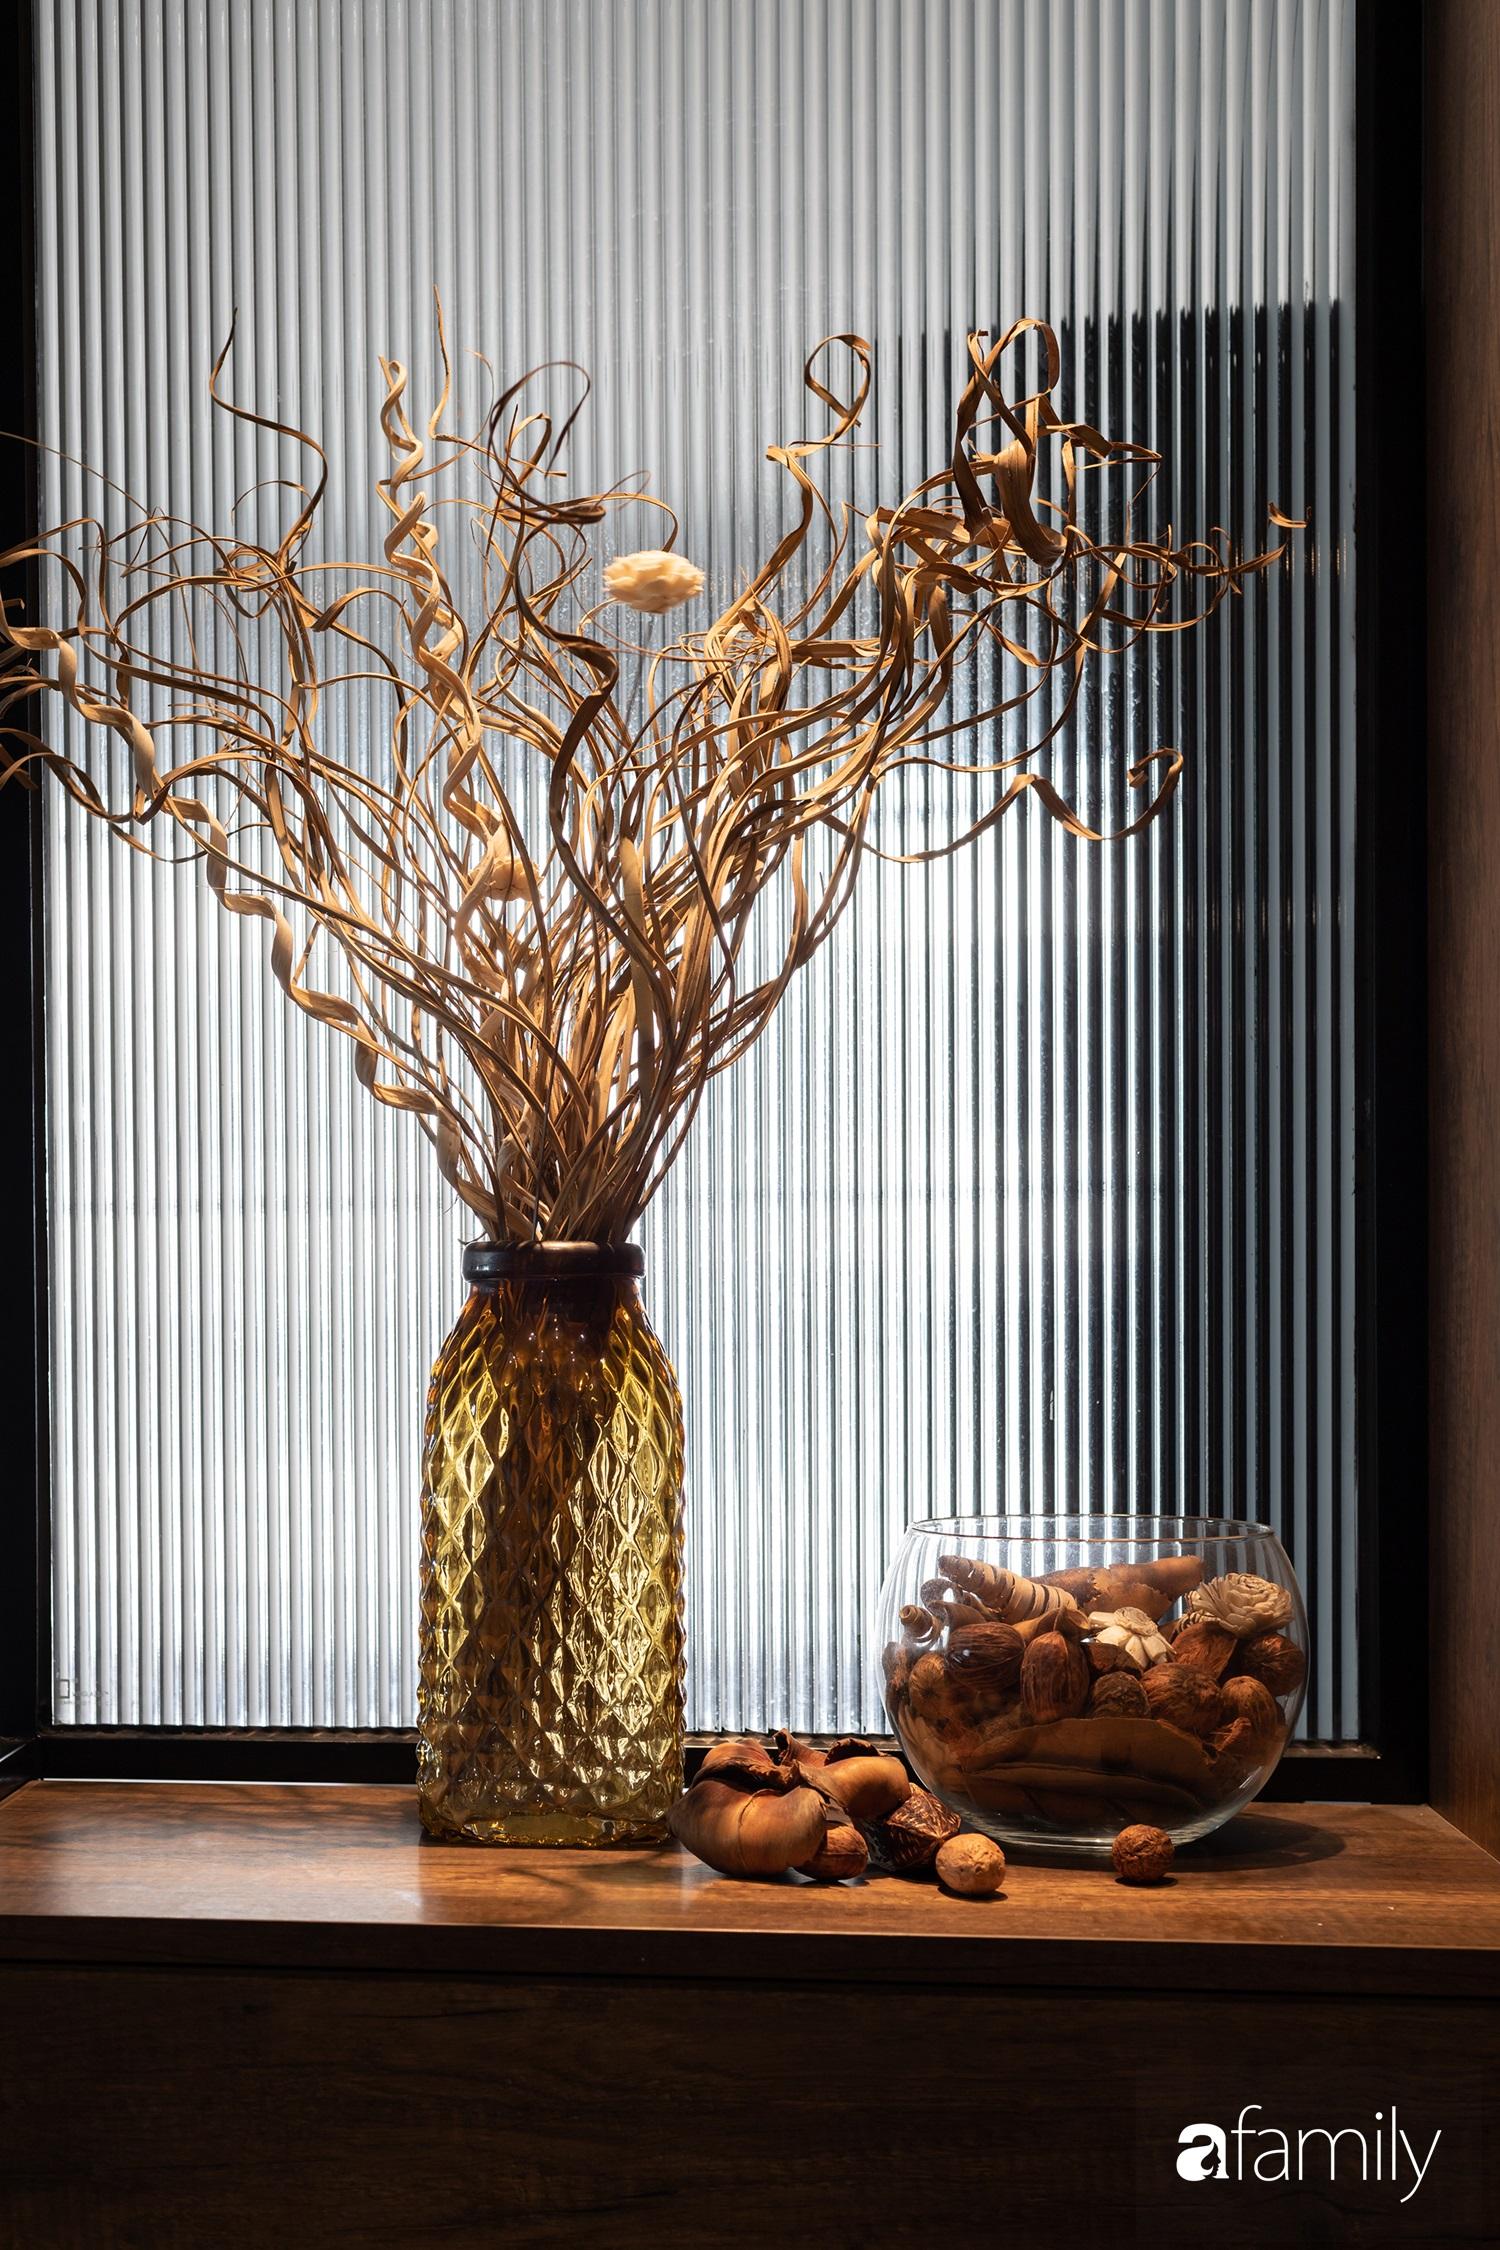 Căn hộ với chi phí phần nội thất gỗ có giá 200 triệu đồng đẹp cuốn hút theo phong cách tối giản ở Hà Nội - Ảnh 18.